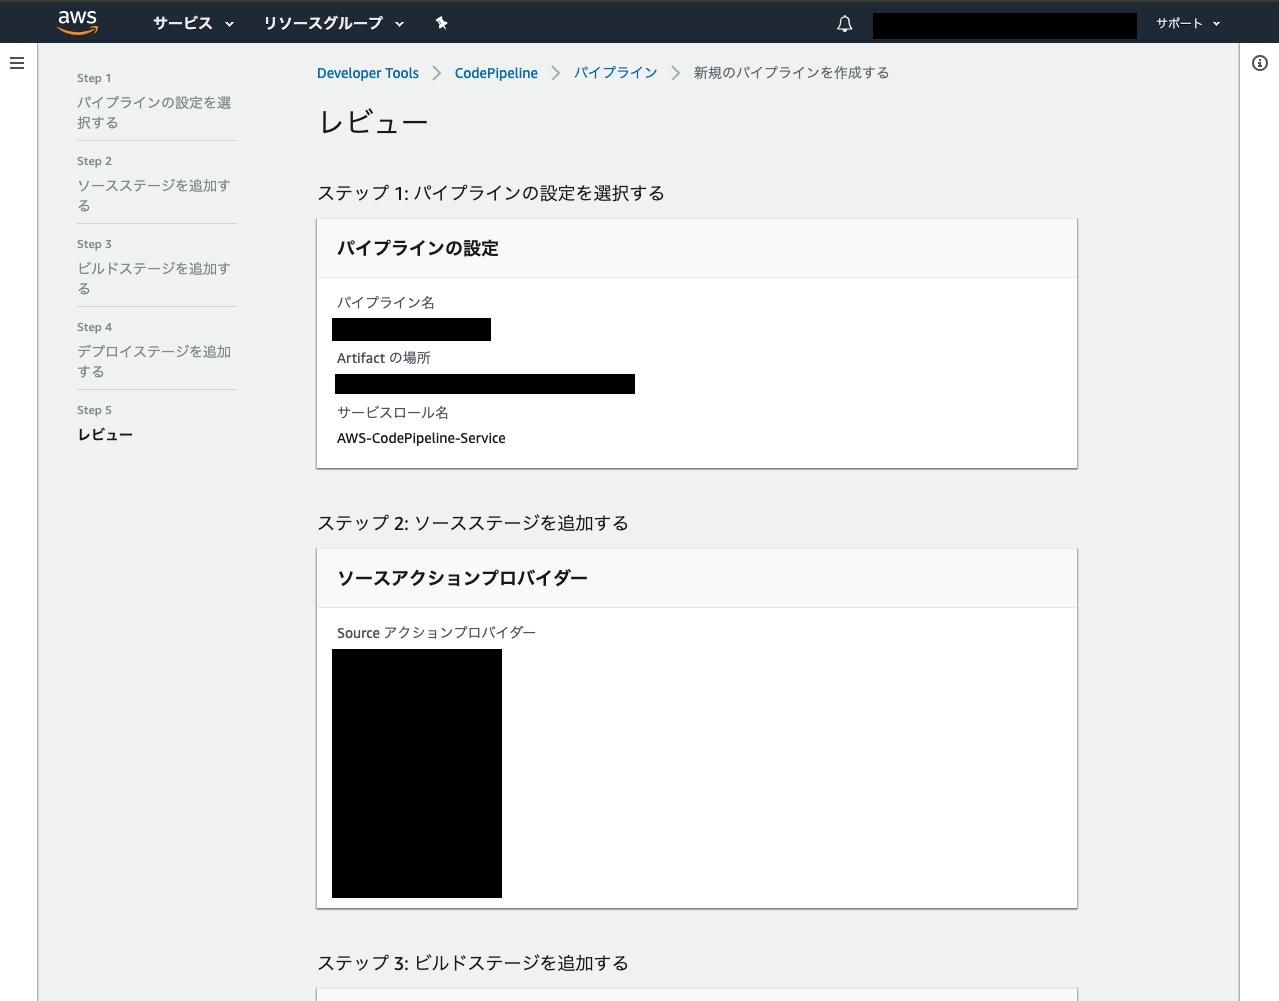 スクリーンショット 2019-06-01 3.11.04.png